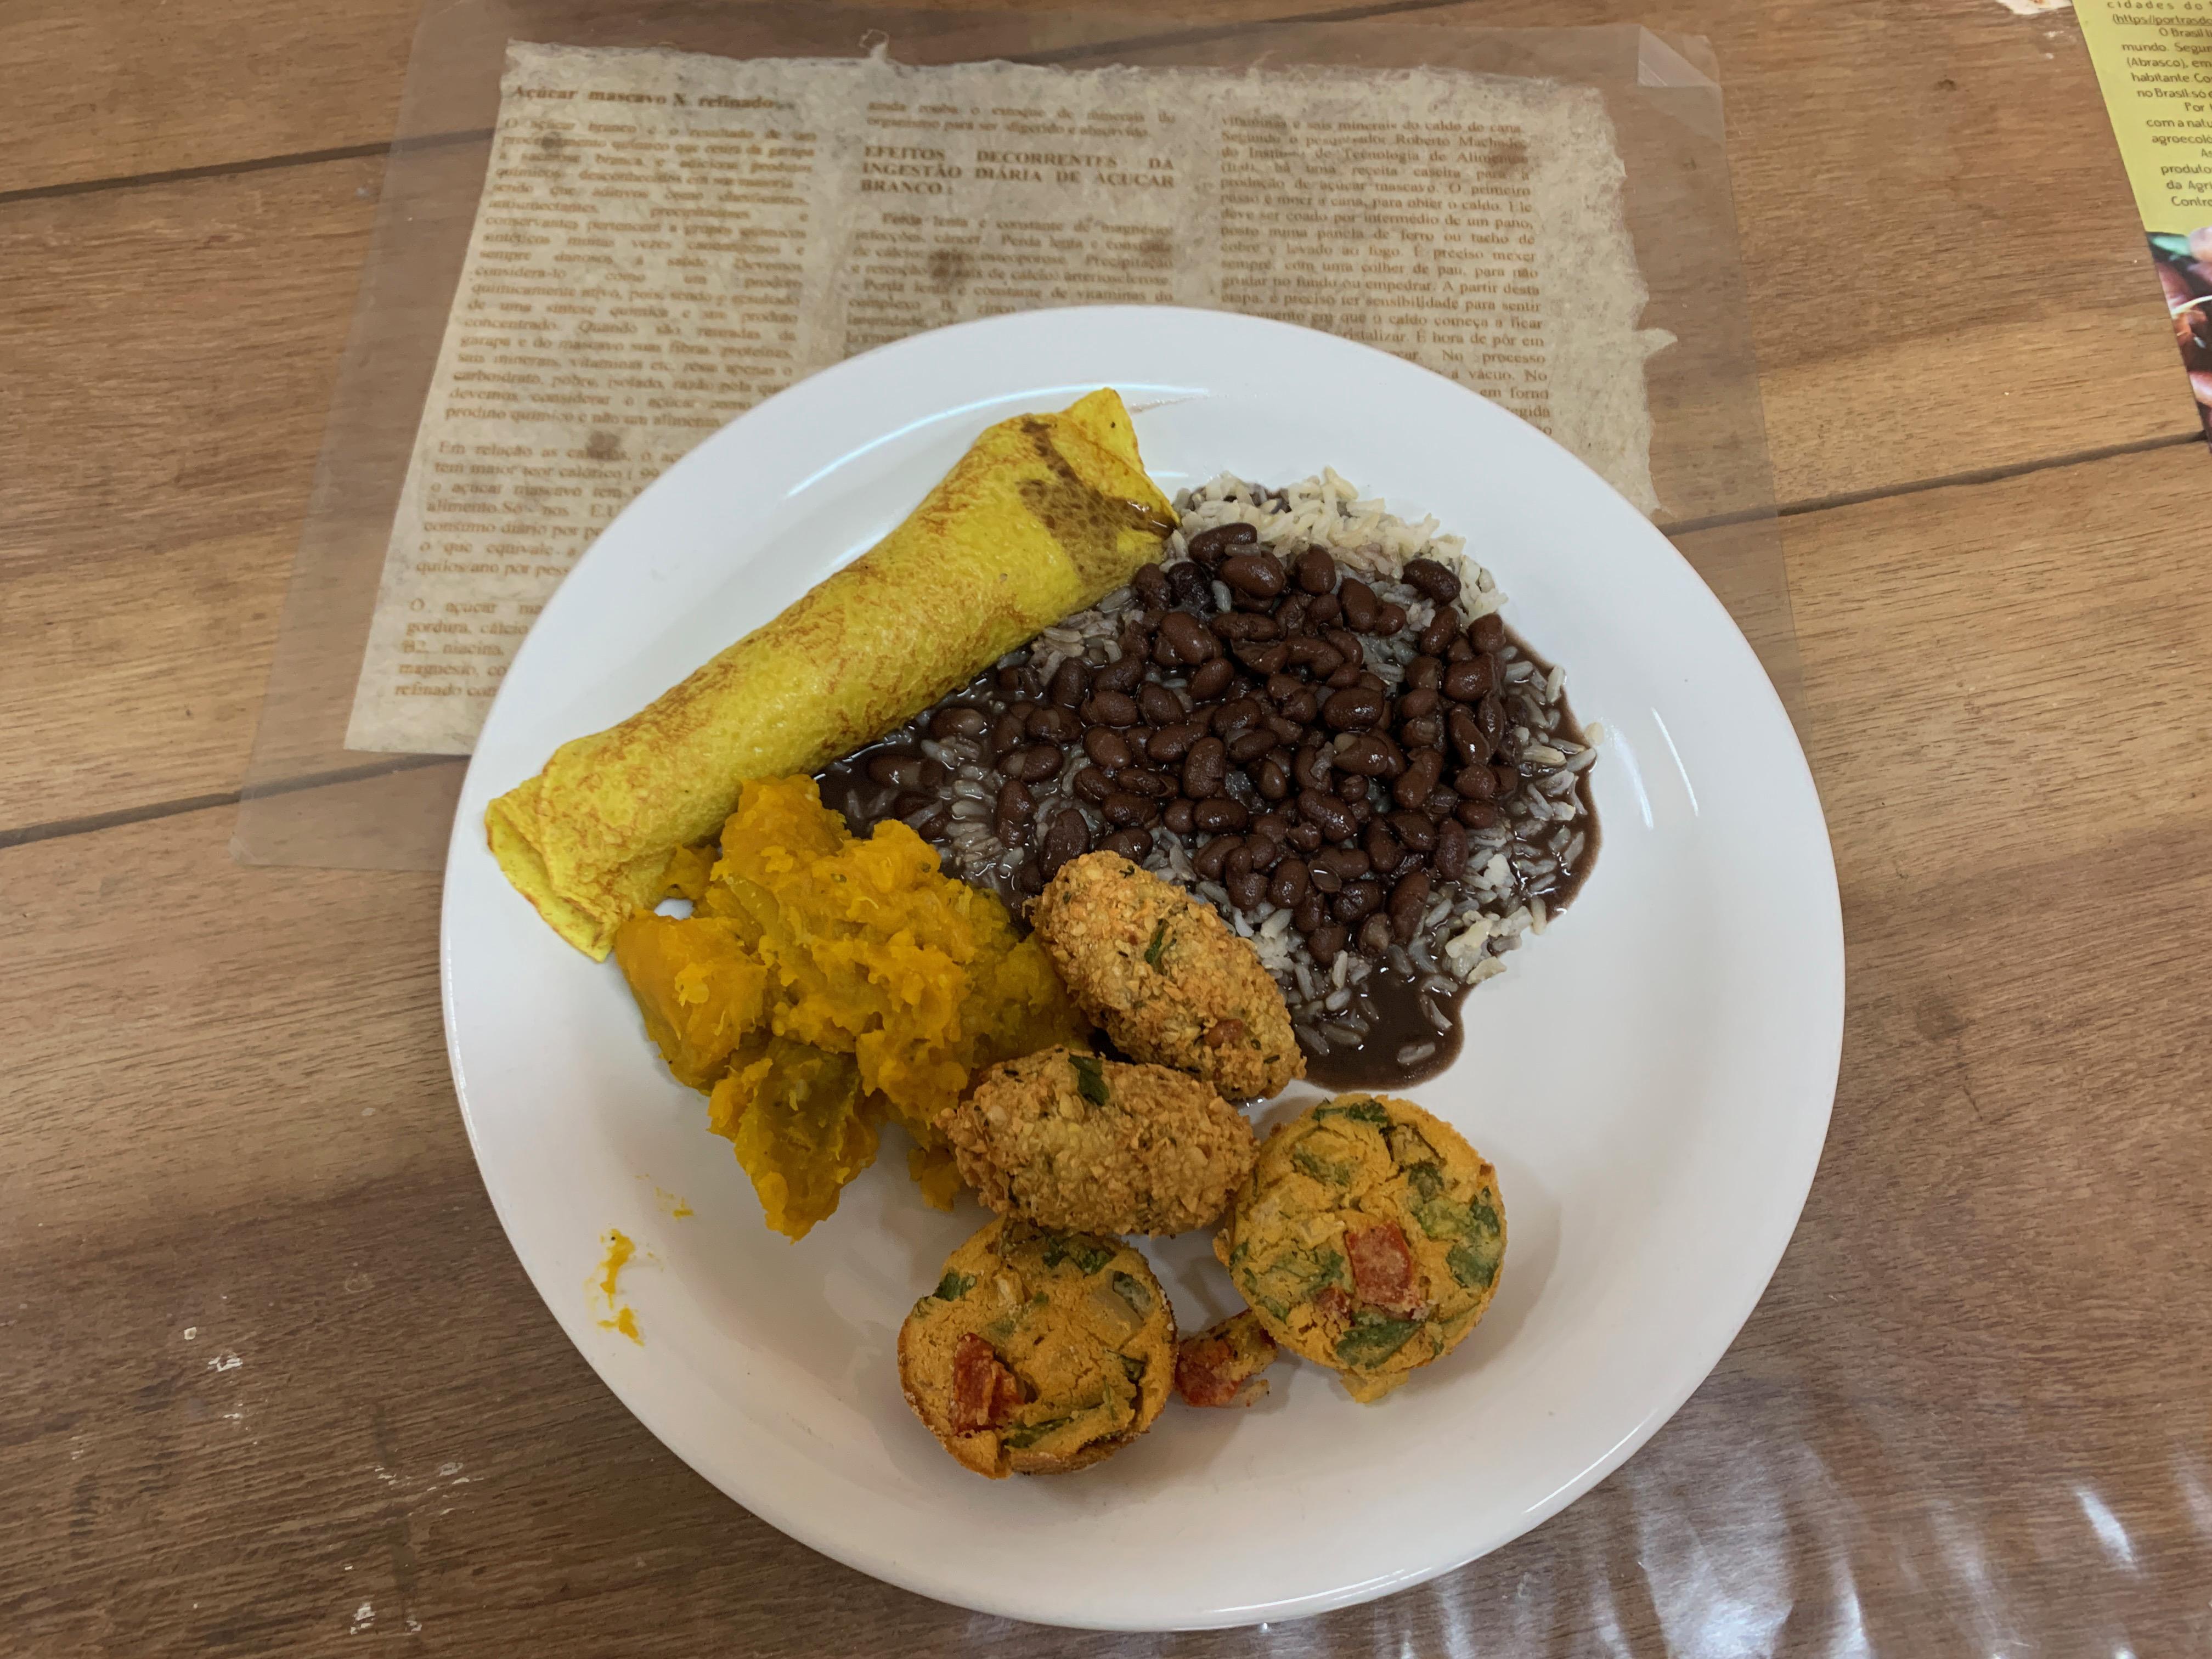 prato com arroz, feijão, panqueca de espinafre e berinjela com tomate